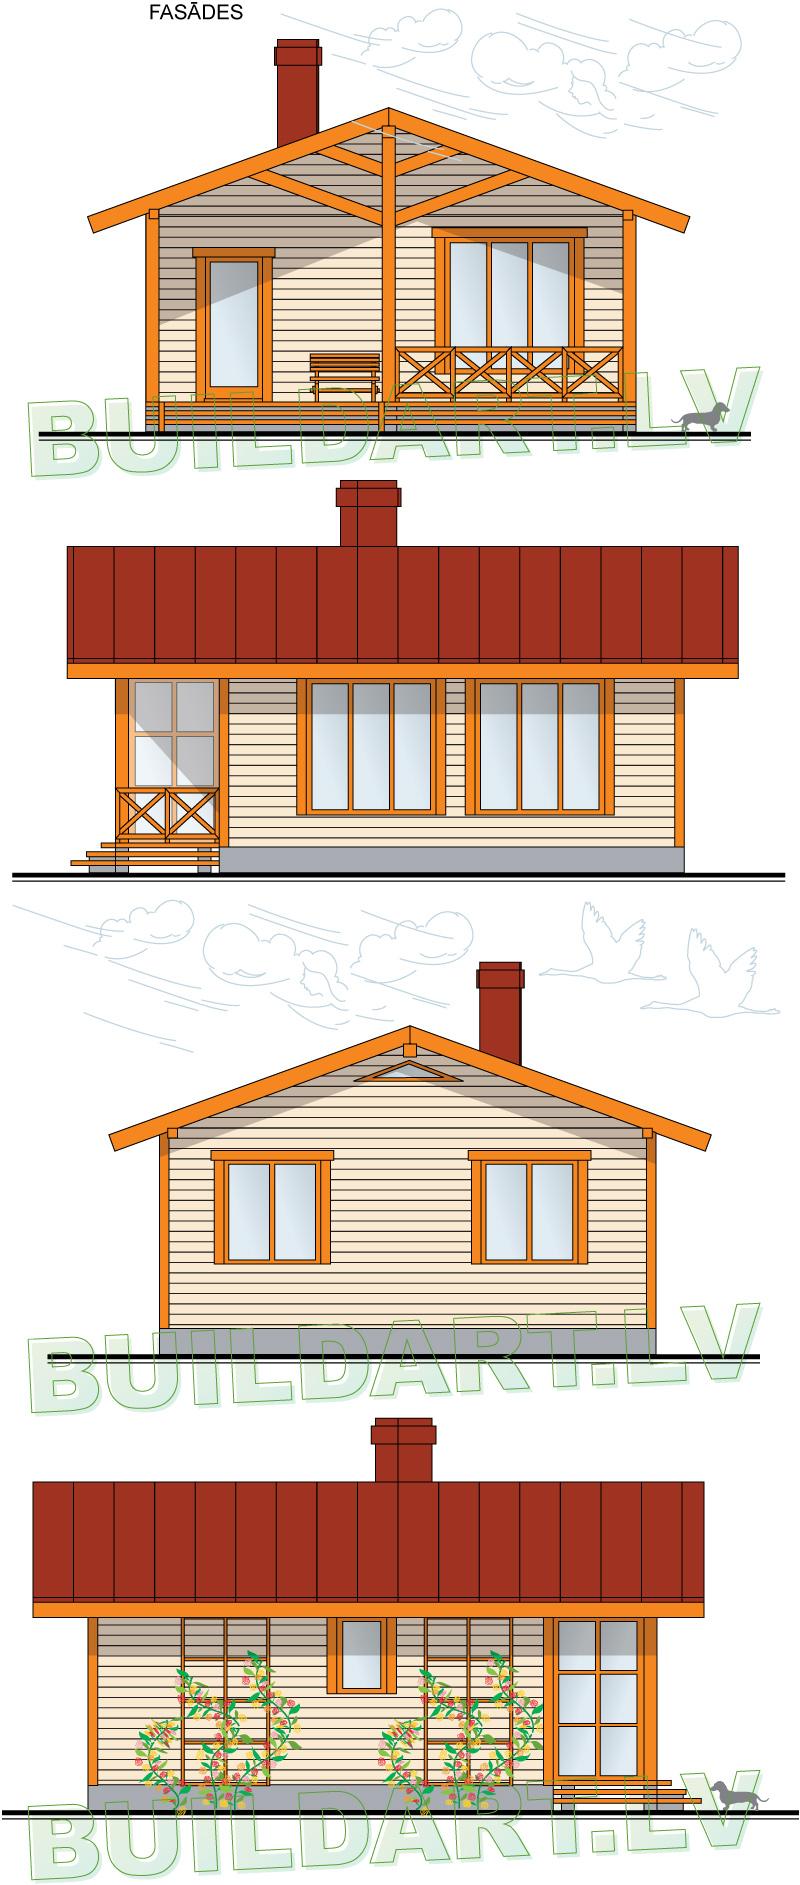 """Dārza mājas projekts """"Marta"""" - fasādes"""